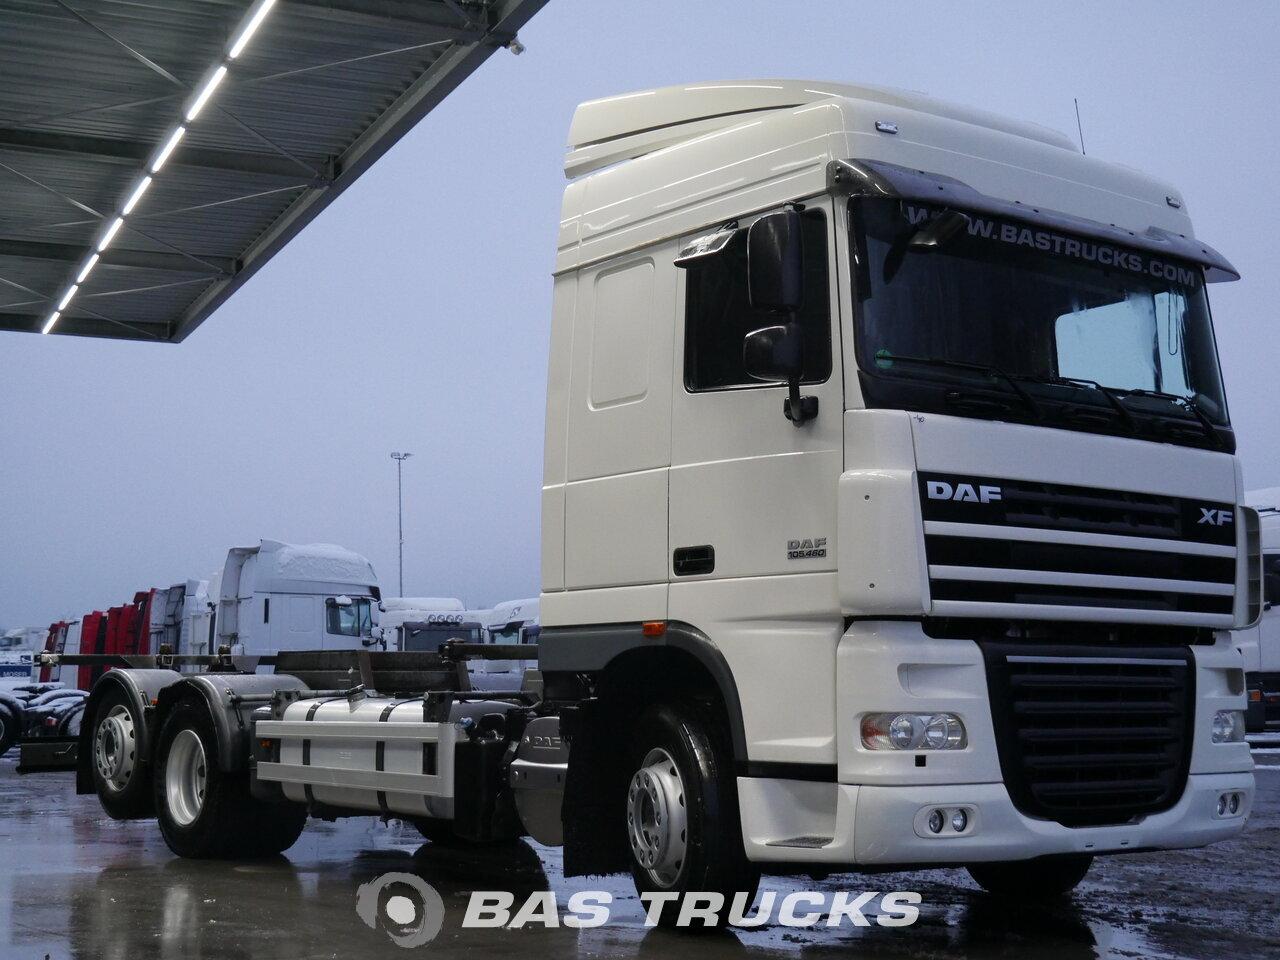 Daf Xf 105 460 Truck Euro Norm 5 28200 Bas Trucks